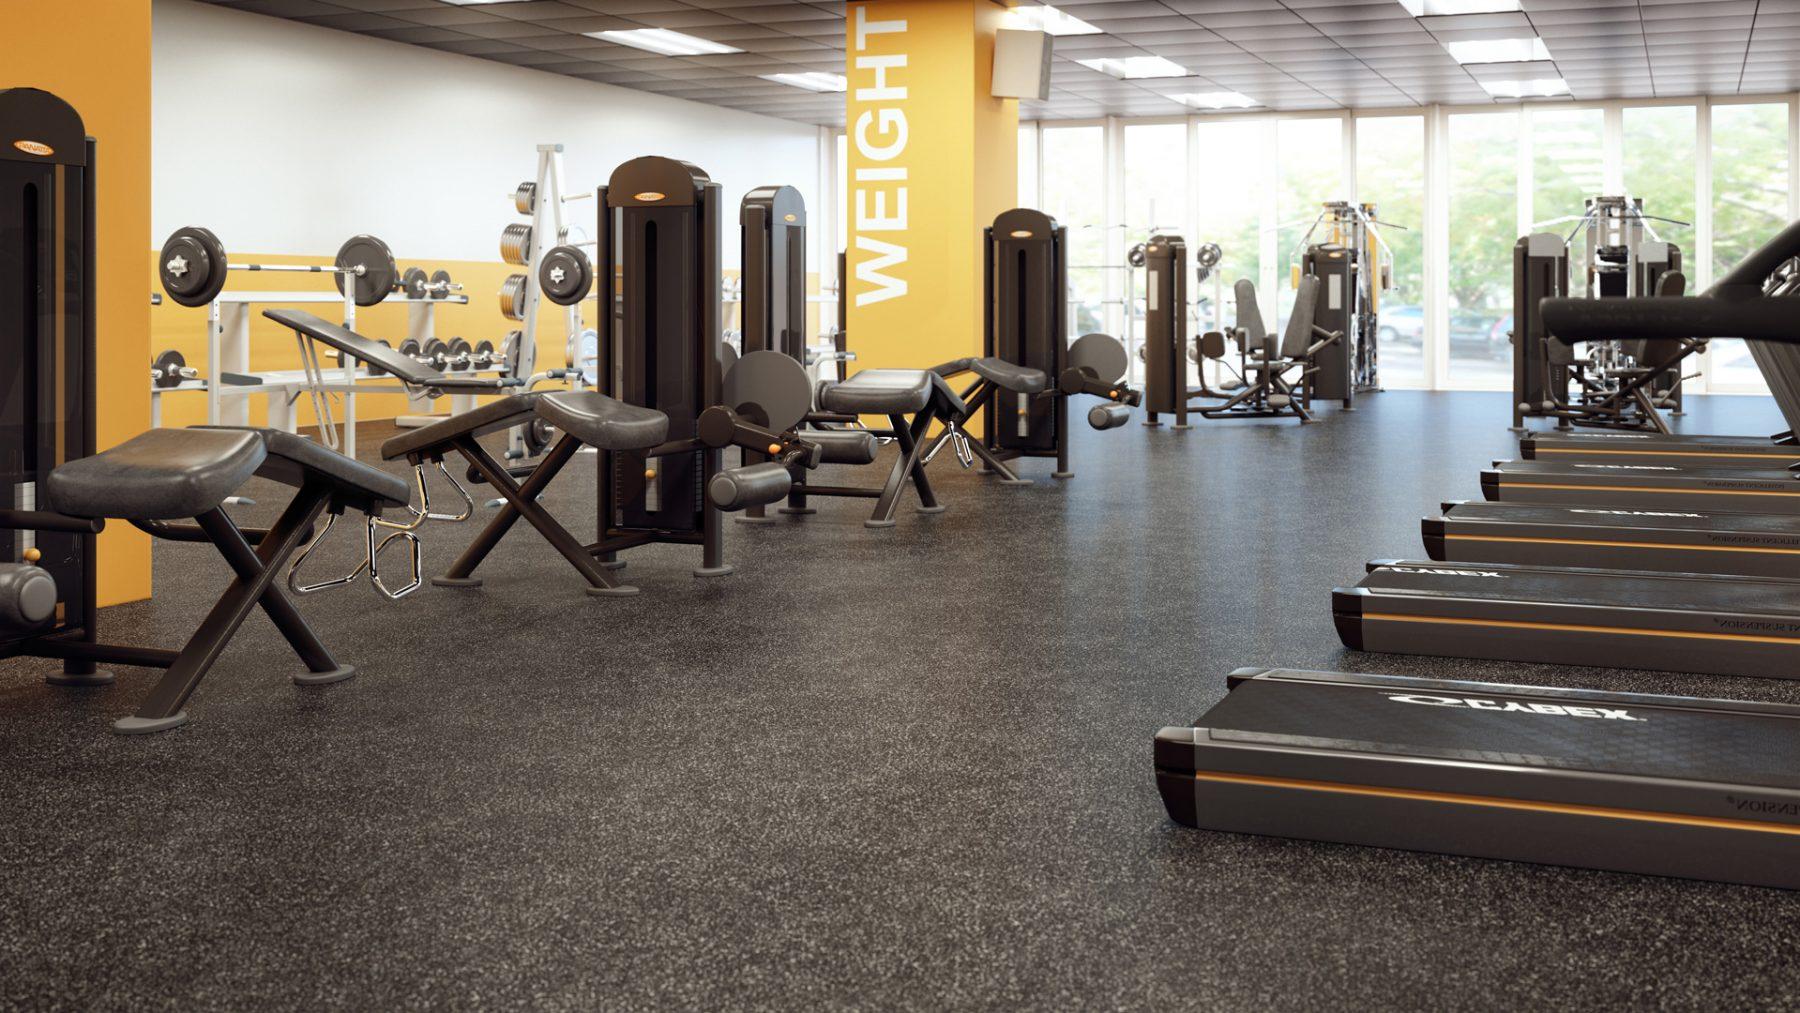 designer-3d-gym-photorealiste-jaune-plancher